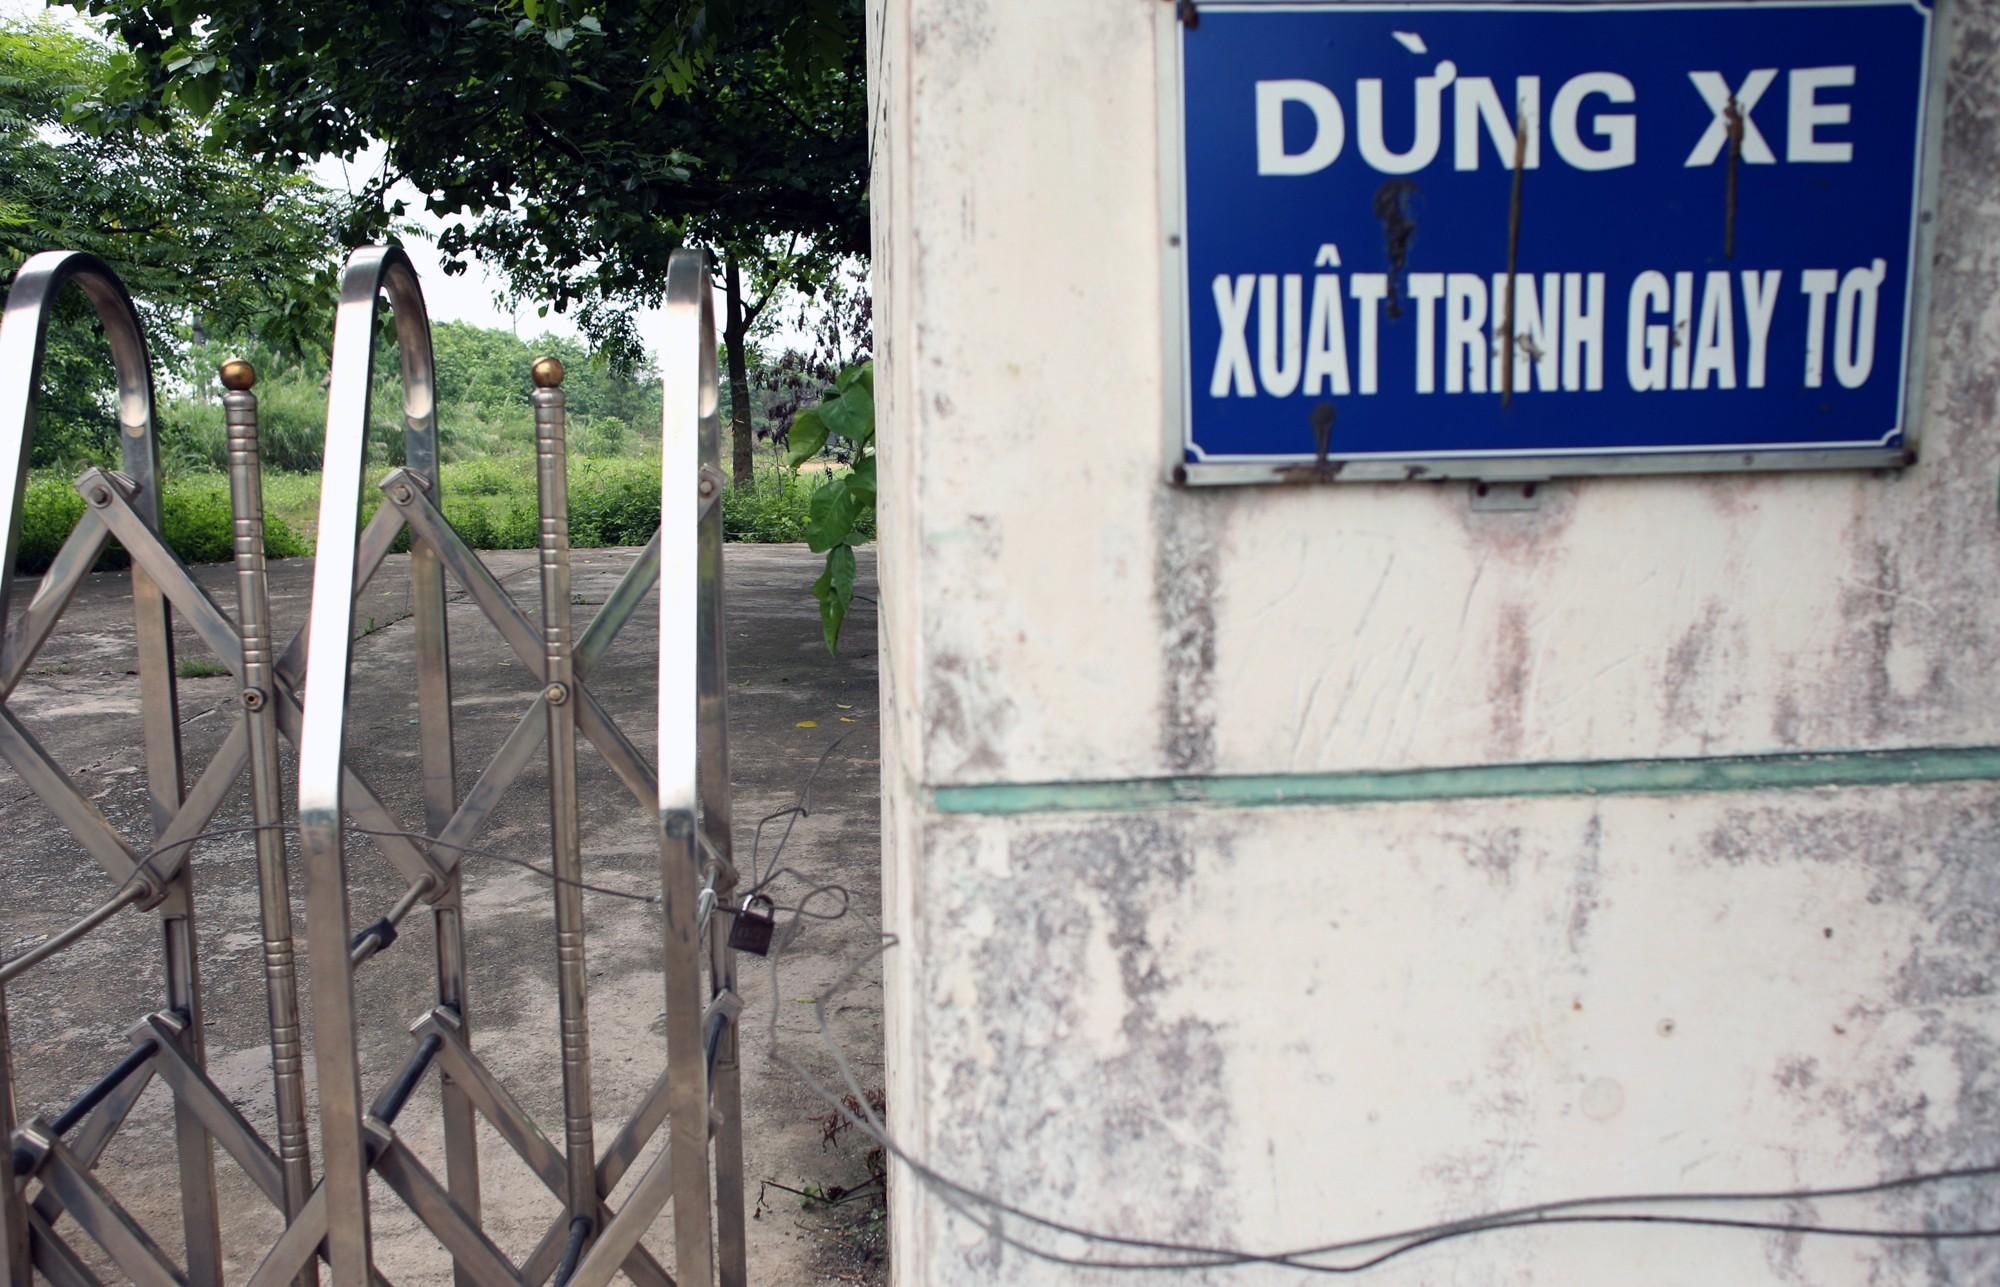 Bệnh viện qui mô 1.000 giường ở Hà Nội thành nơi nuôi gà - Ảnh 4.